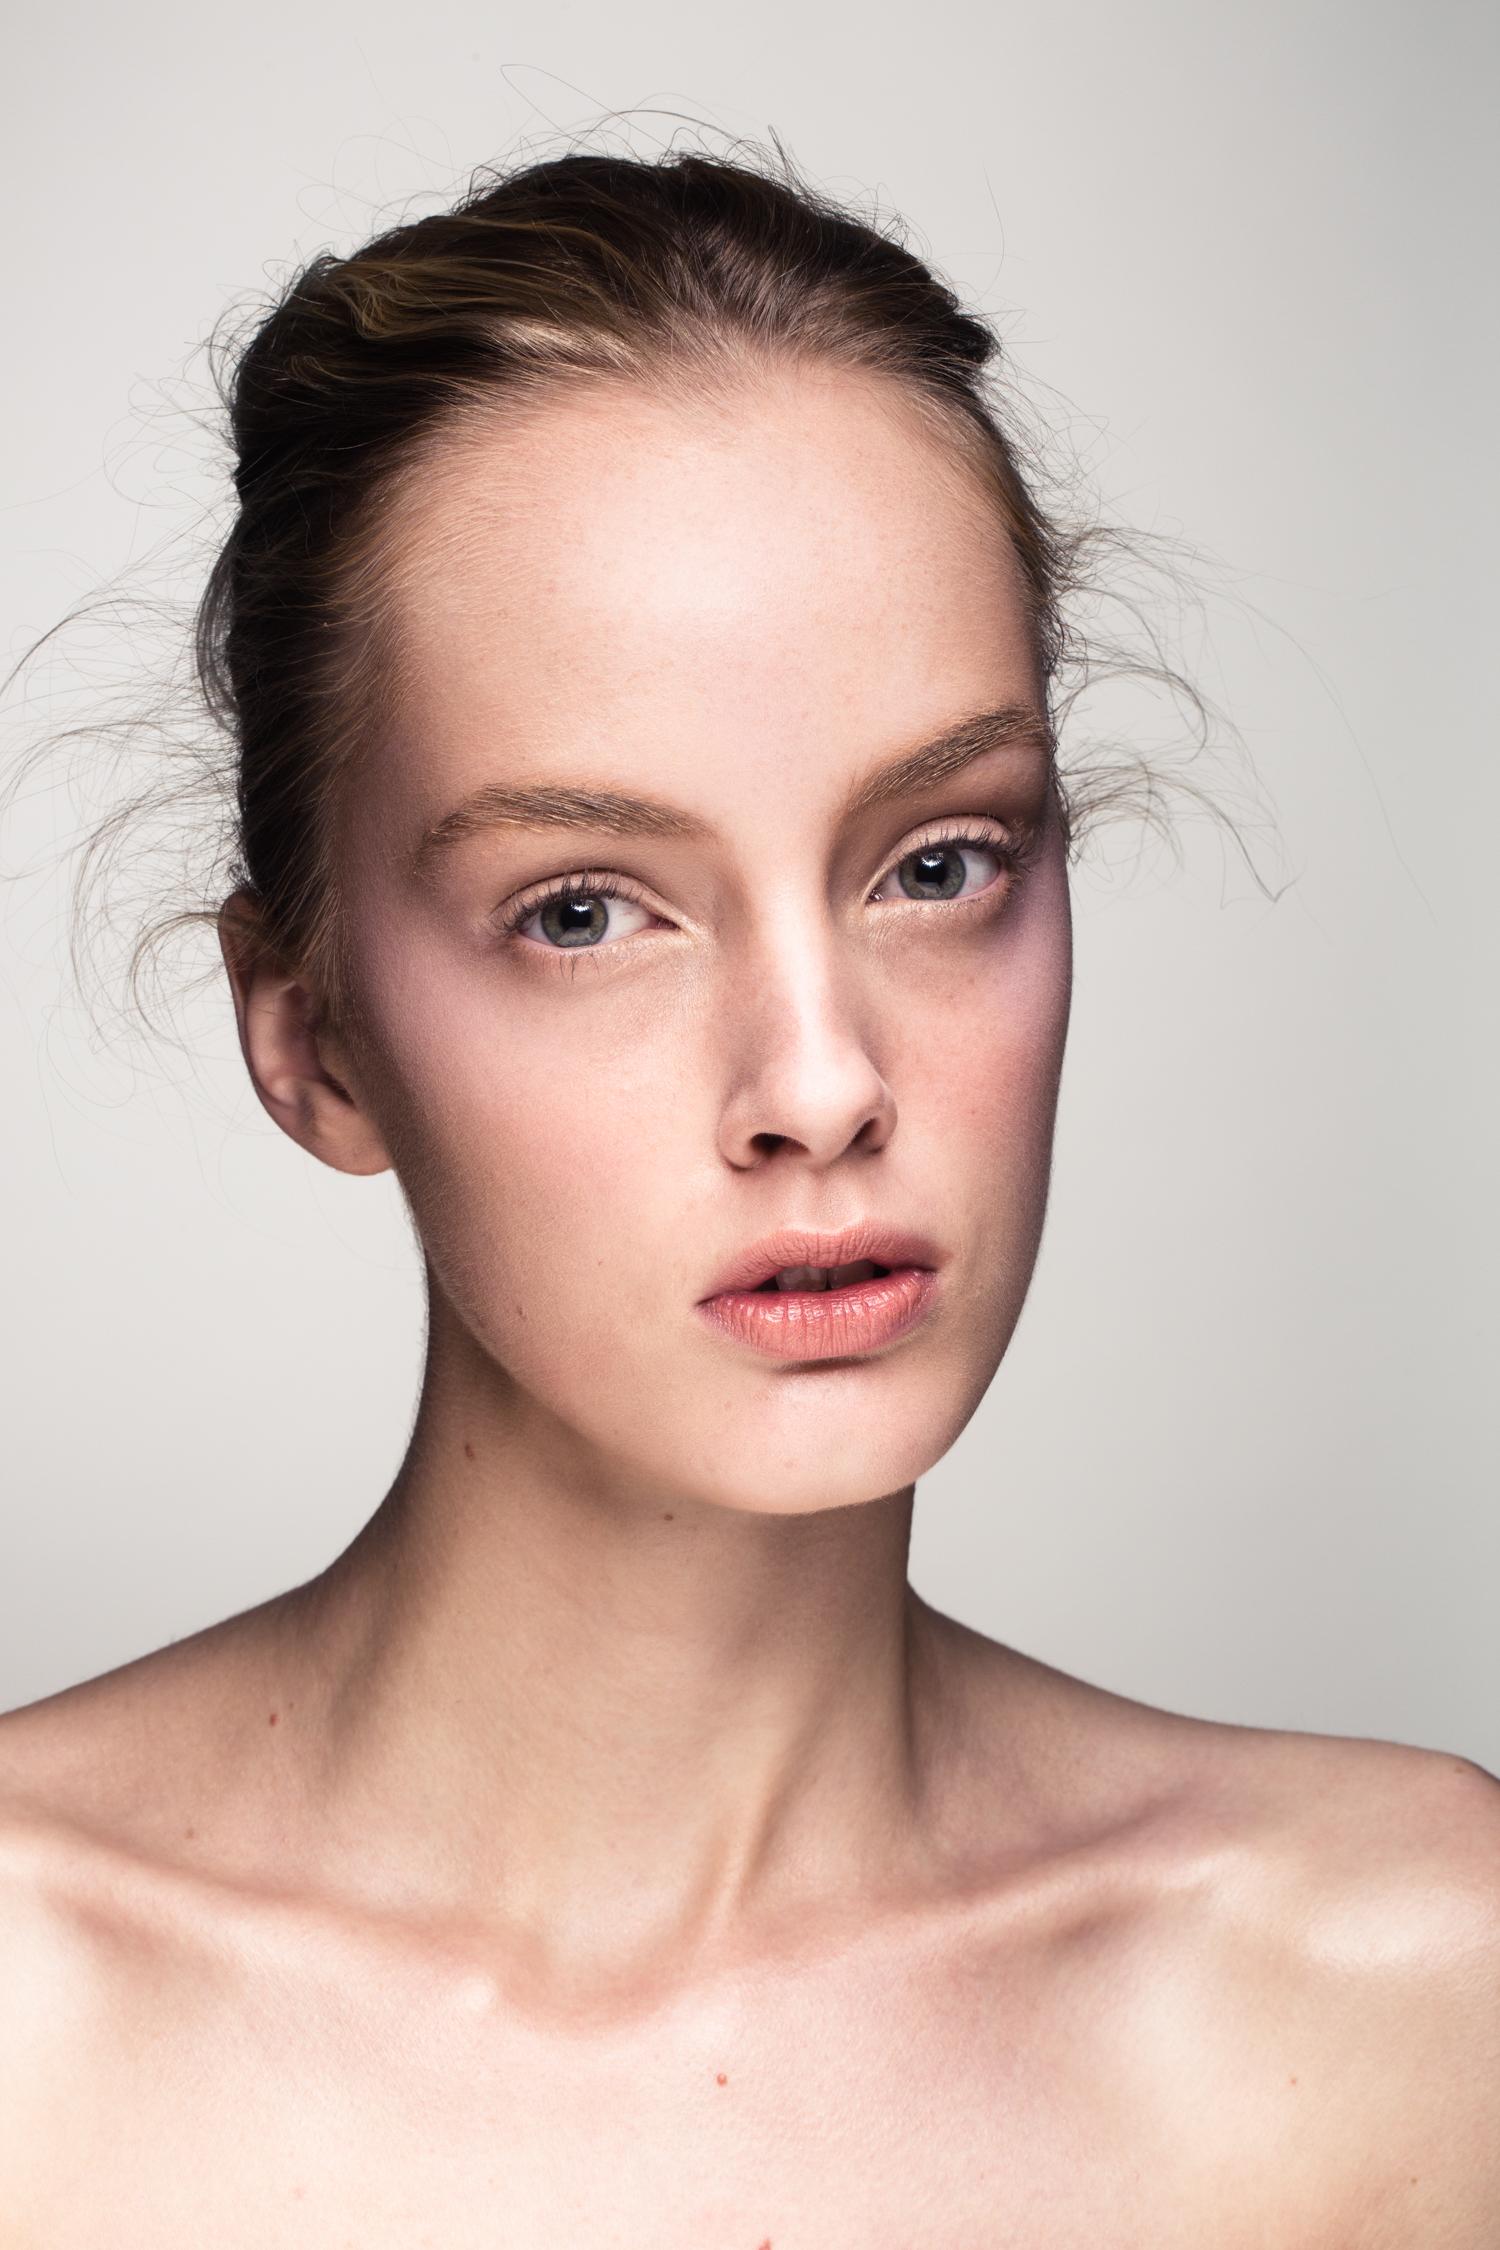 beautytest-leanne-shot1-oct2013-016.jpg